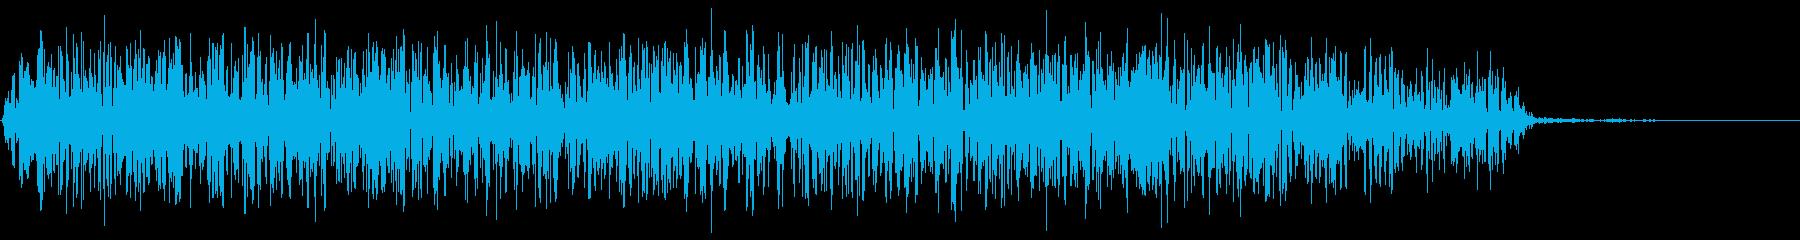 モンスター 威嚇 08の再生済みの波形